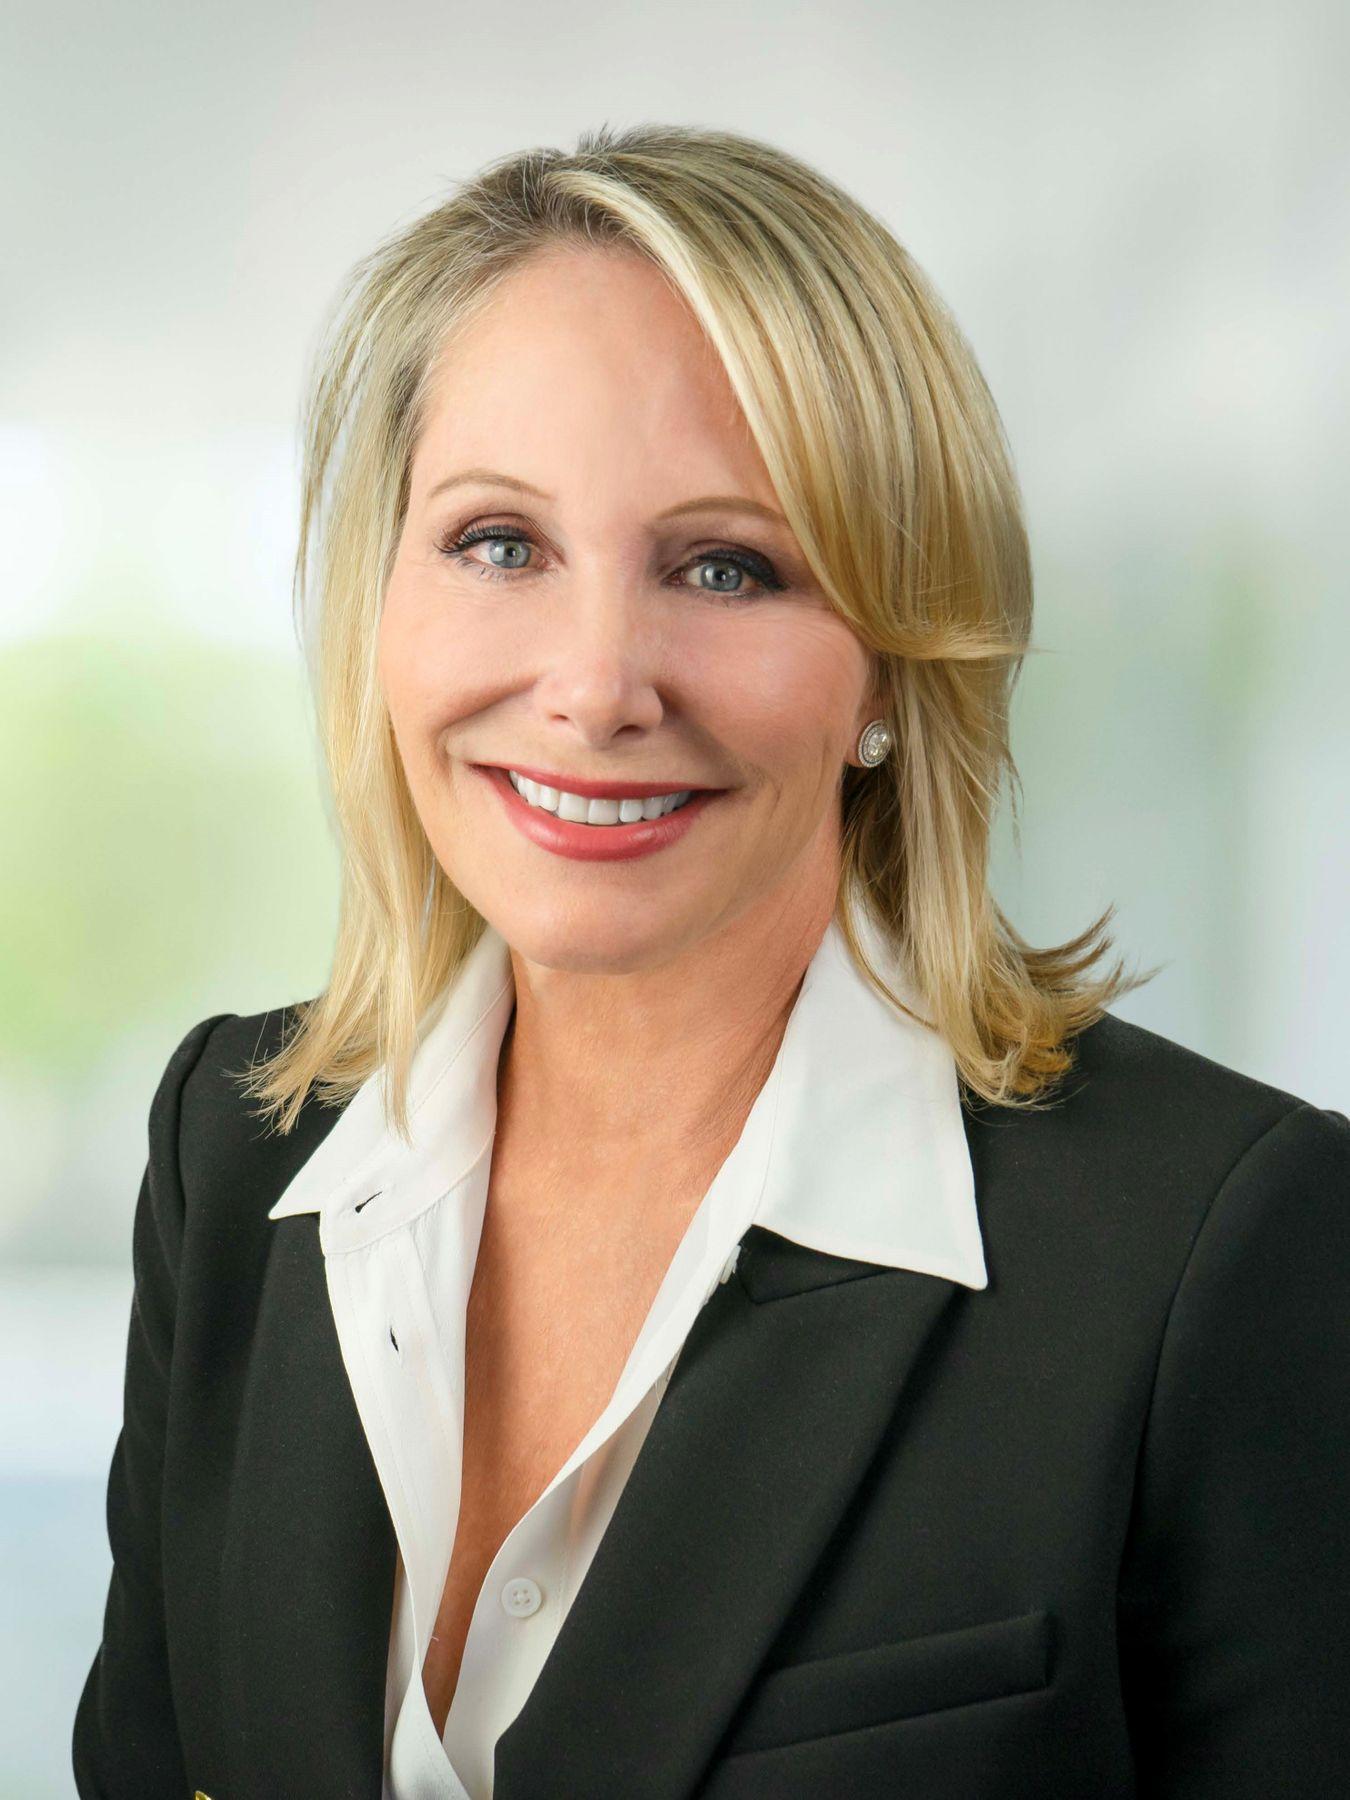 Catherine Bindley